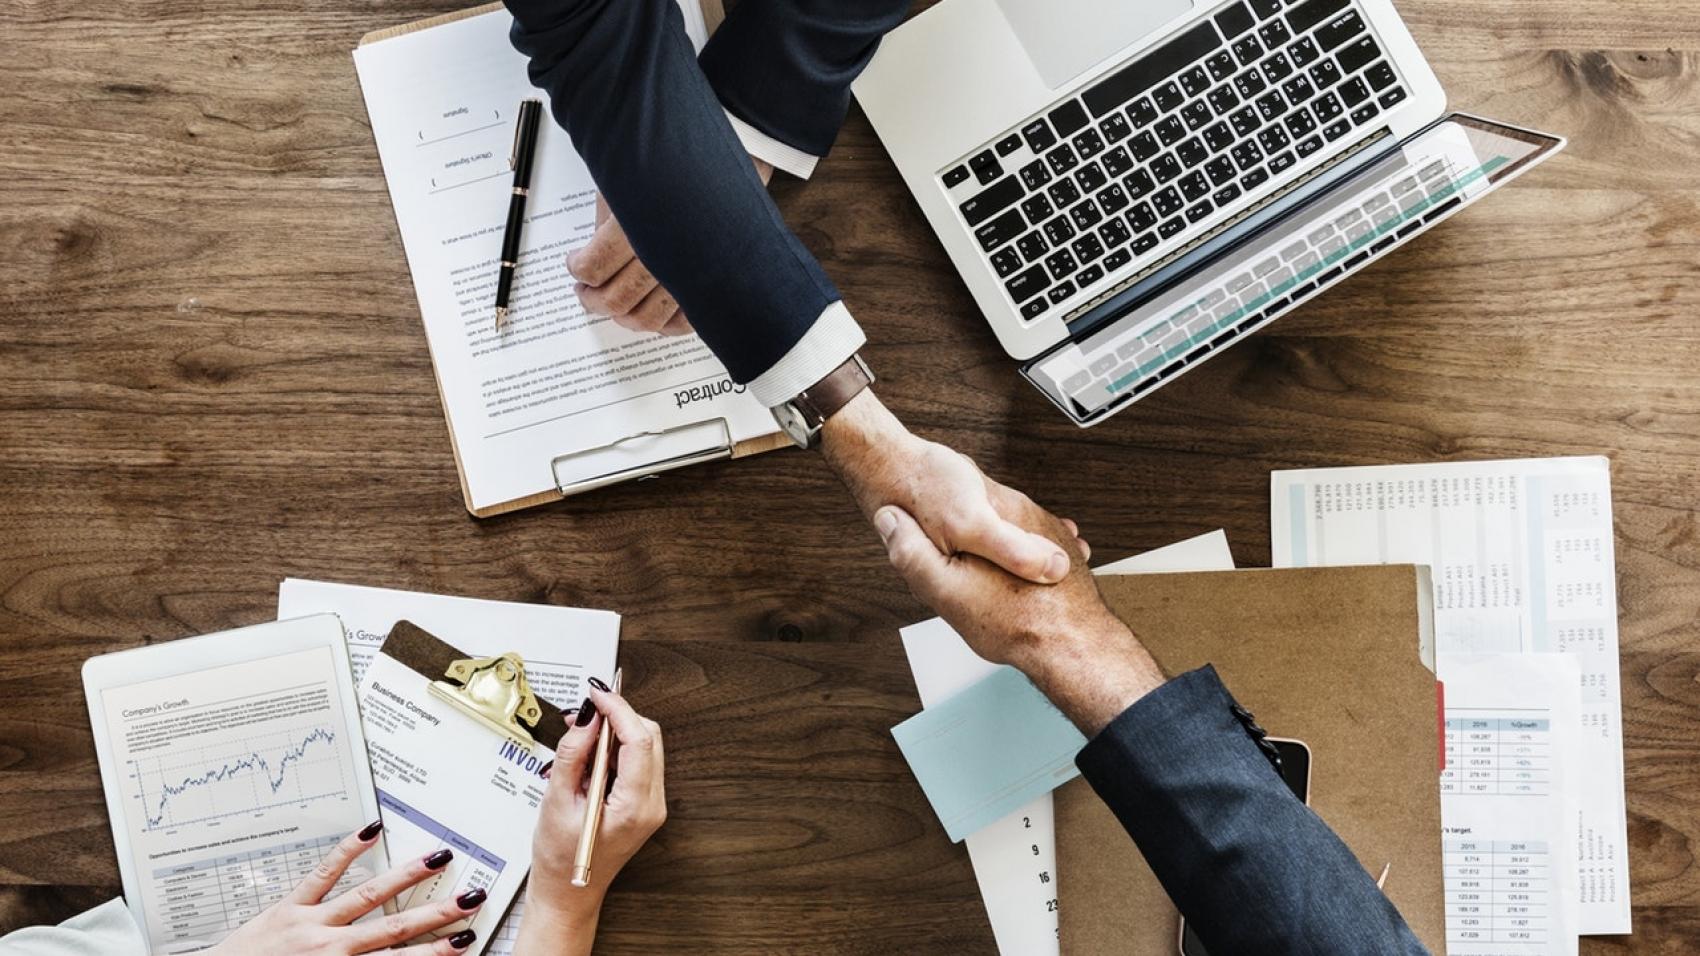 Outsourcing HR tasks